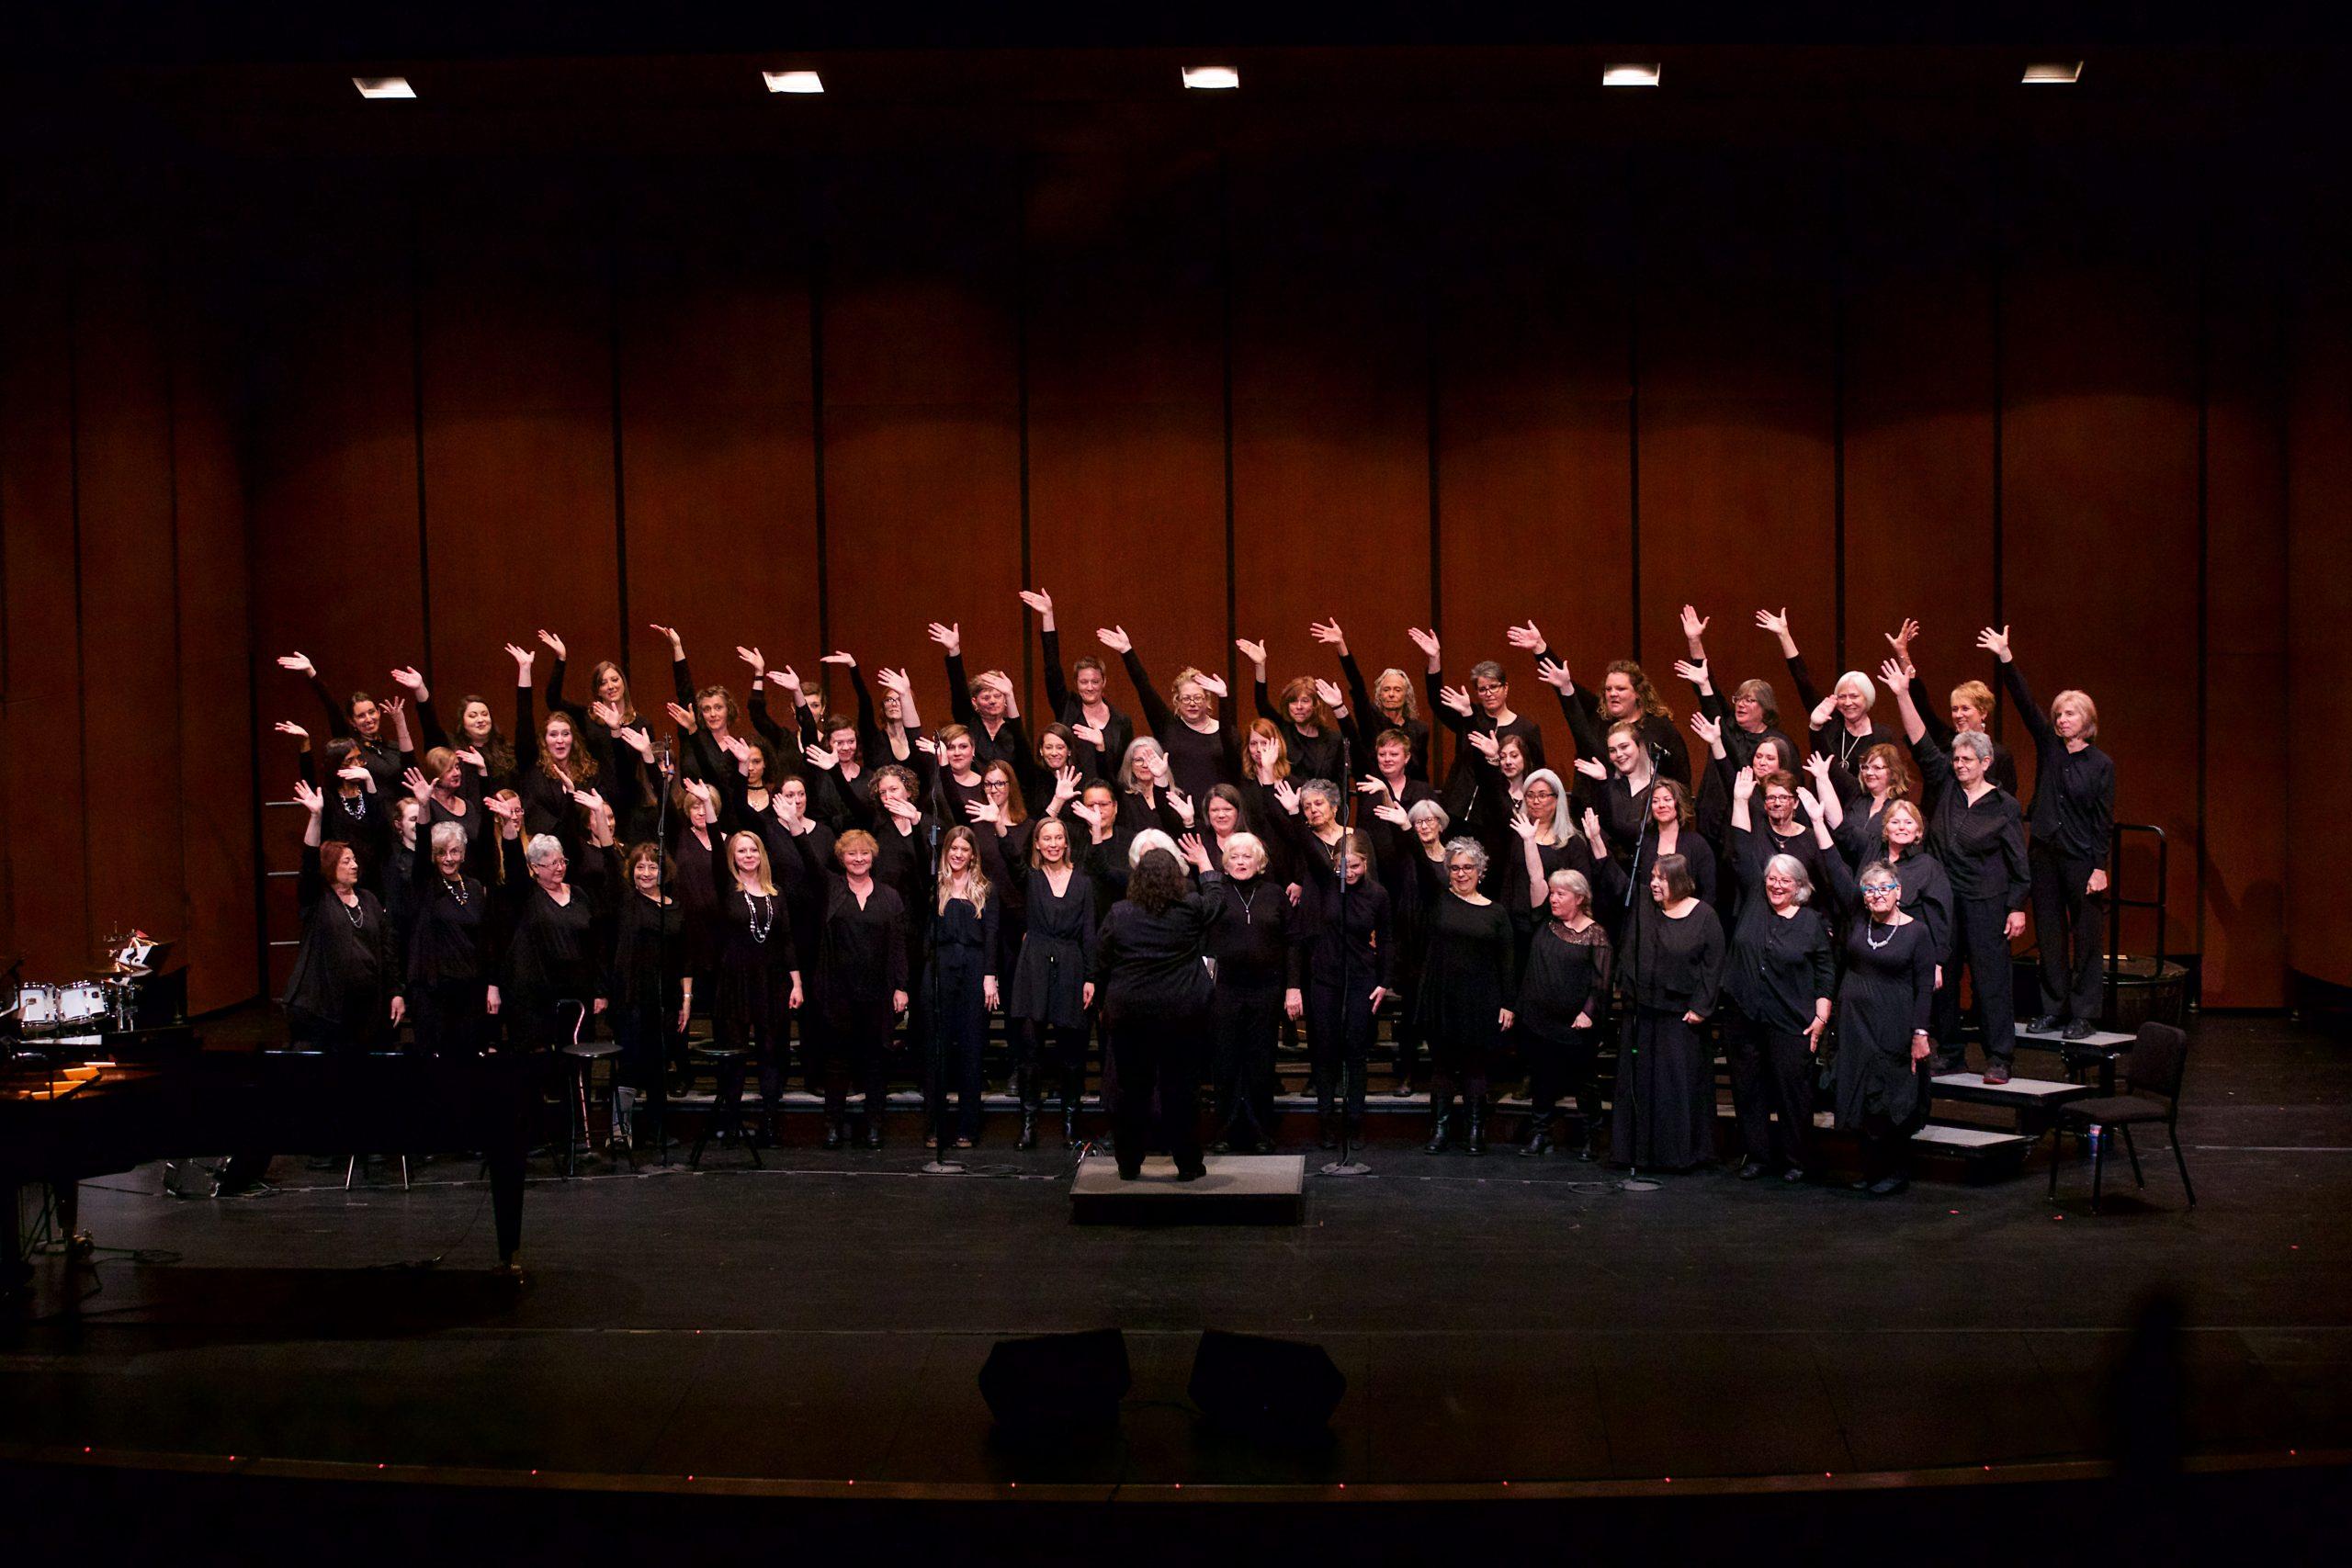 Grand Rapids Women's Chorus Full